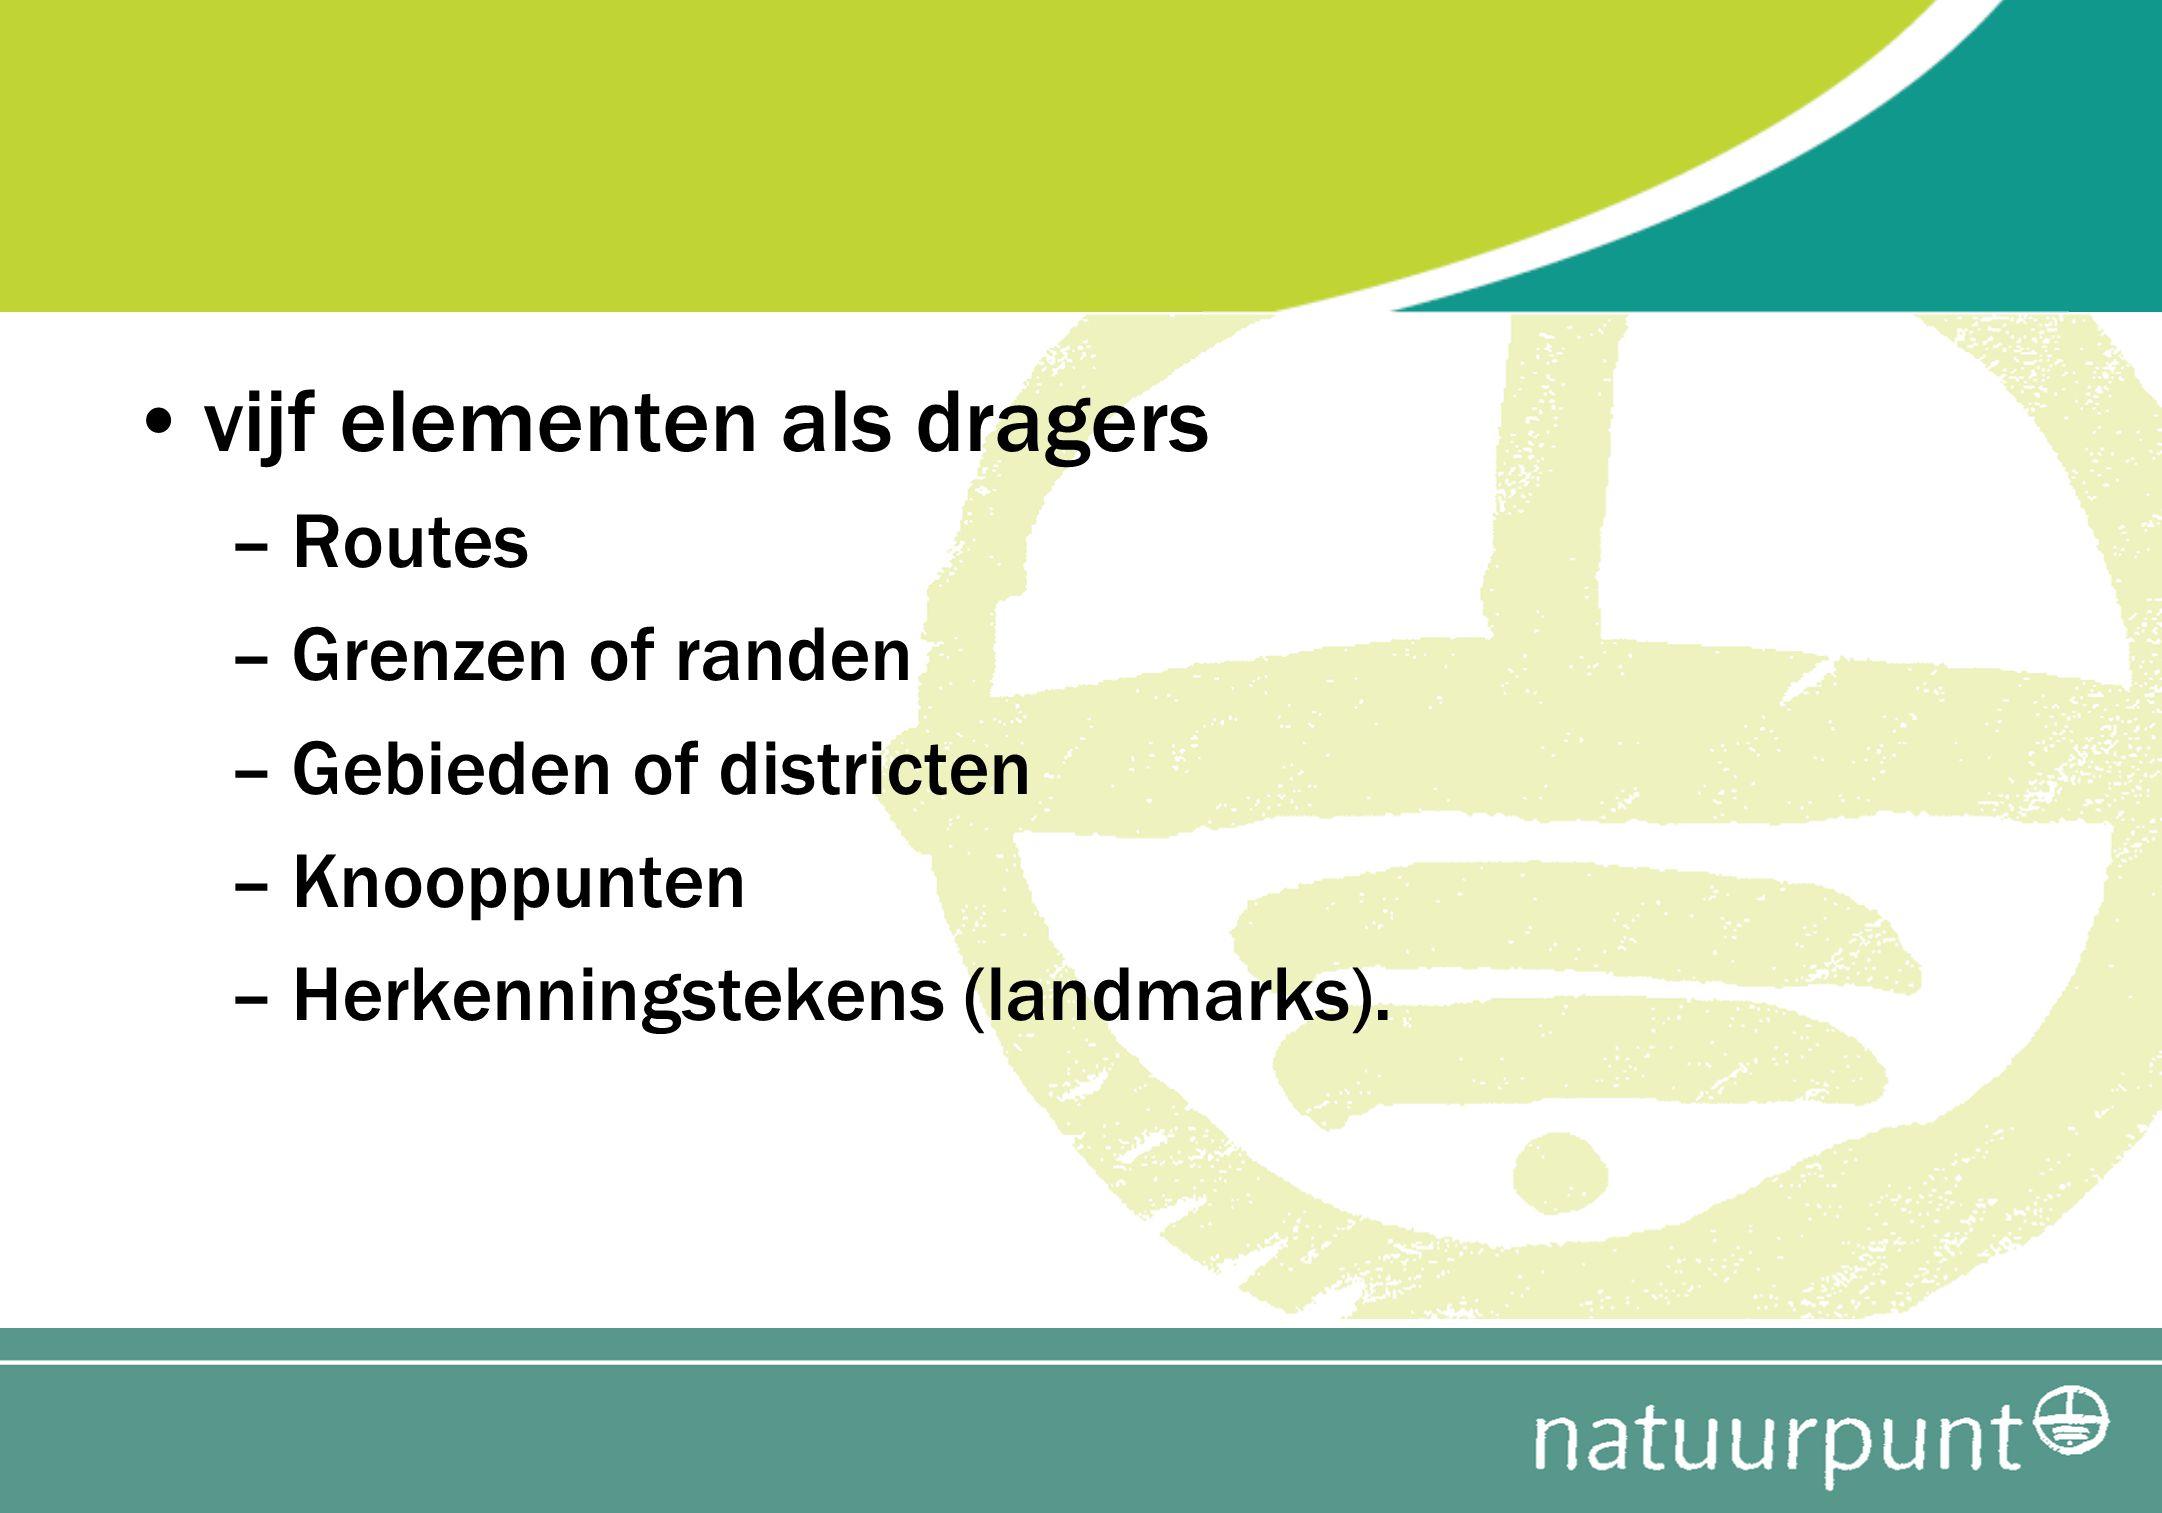 vijf elementen als dragers